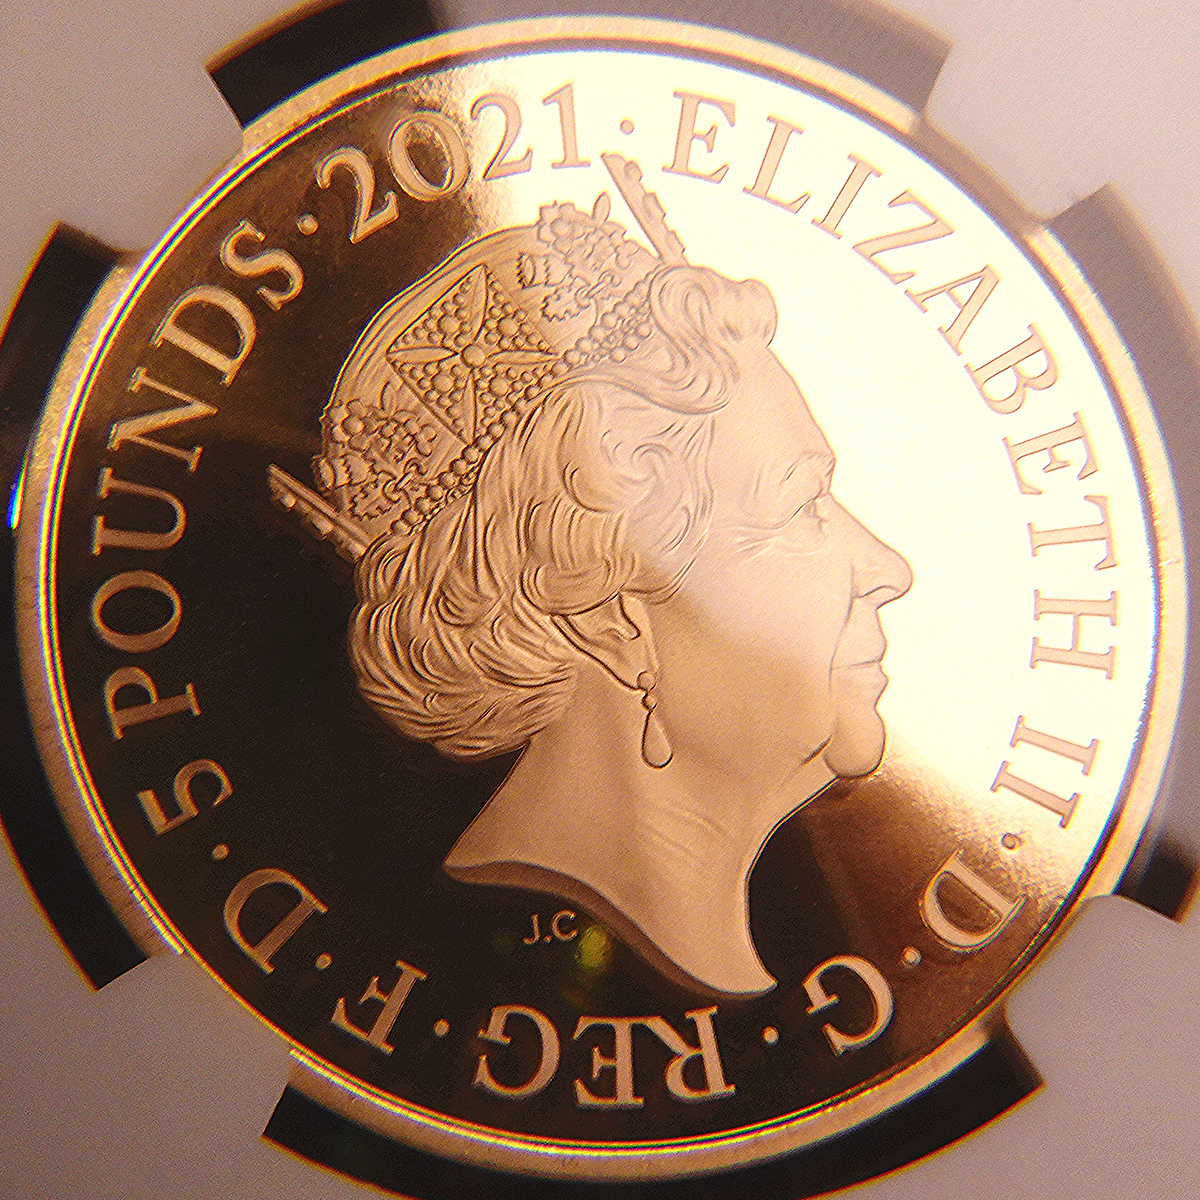 イギリス 2021年 ロイヤル・アルバート・ホール開場150周年記念 英国 5ポンド 金貨 NGC PF70UC【最高鑑定】_画像3